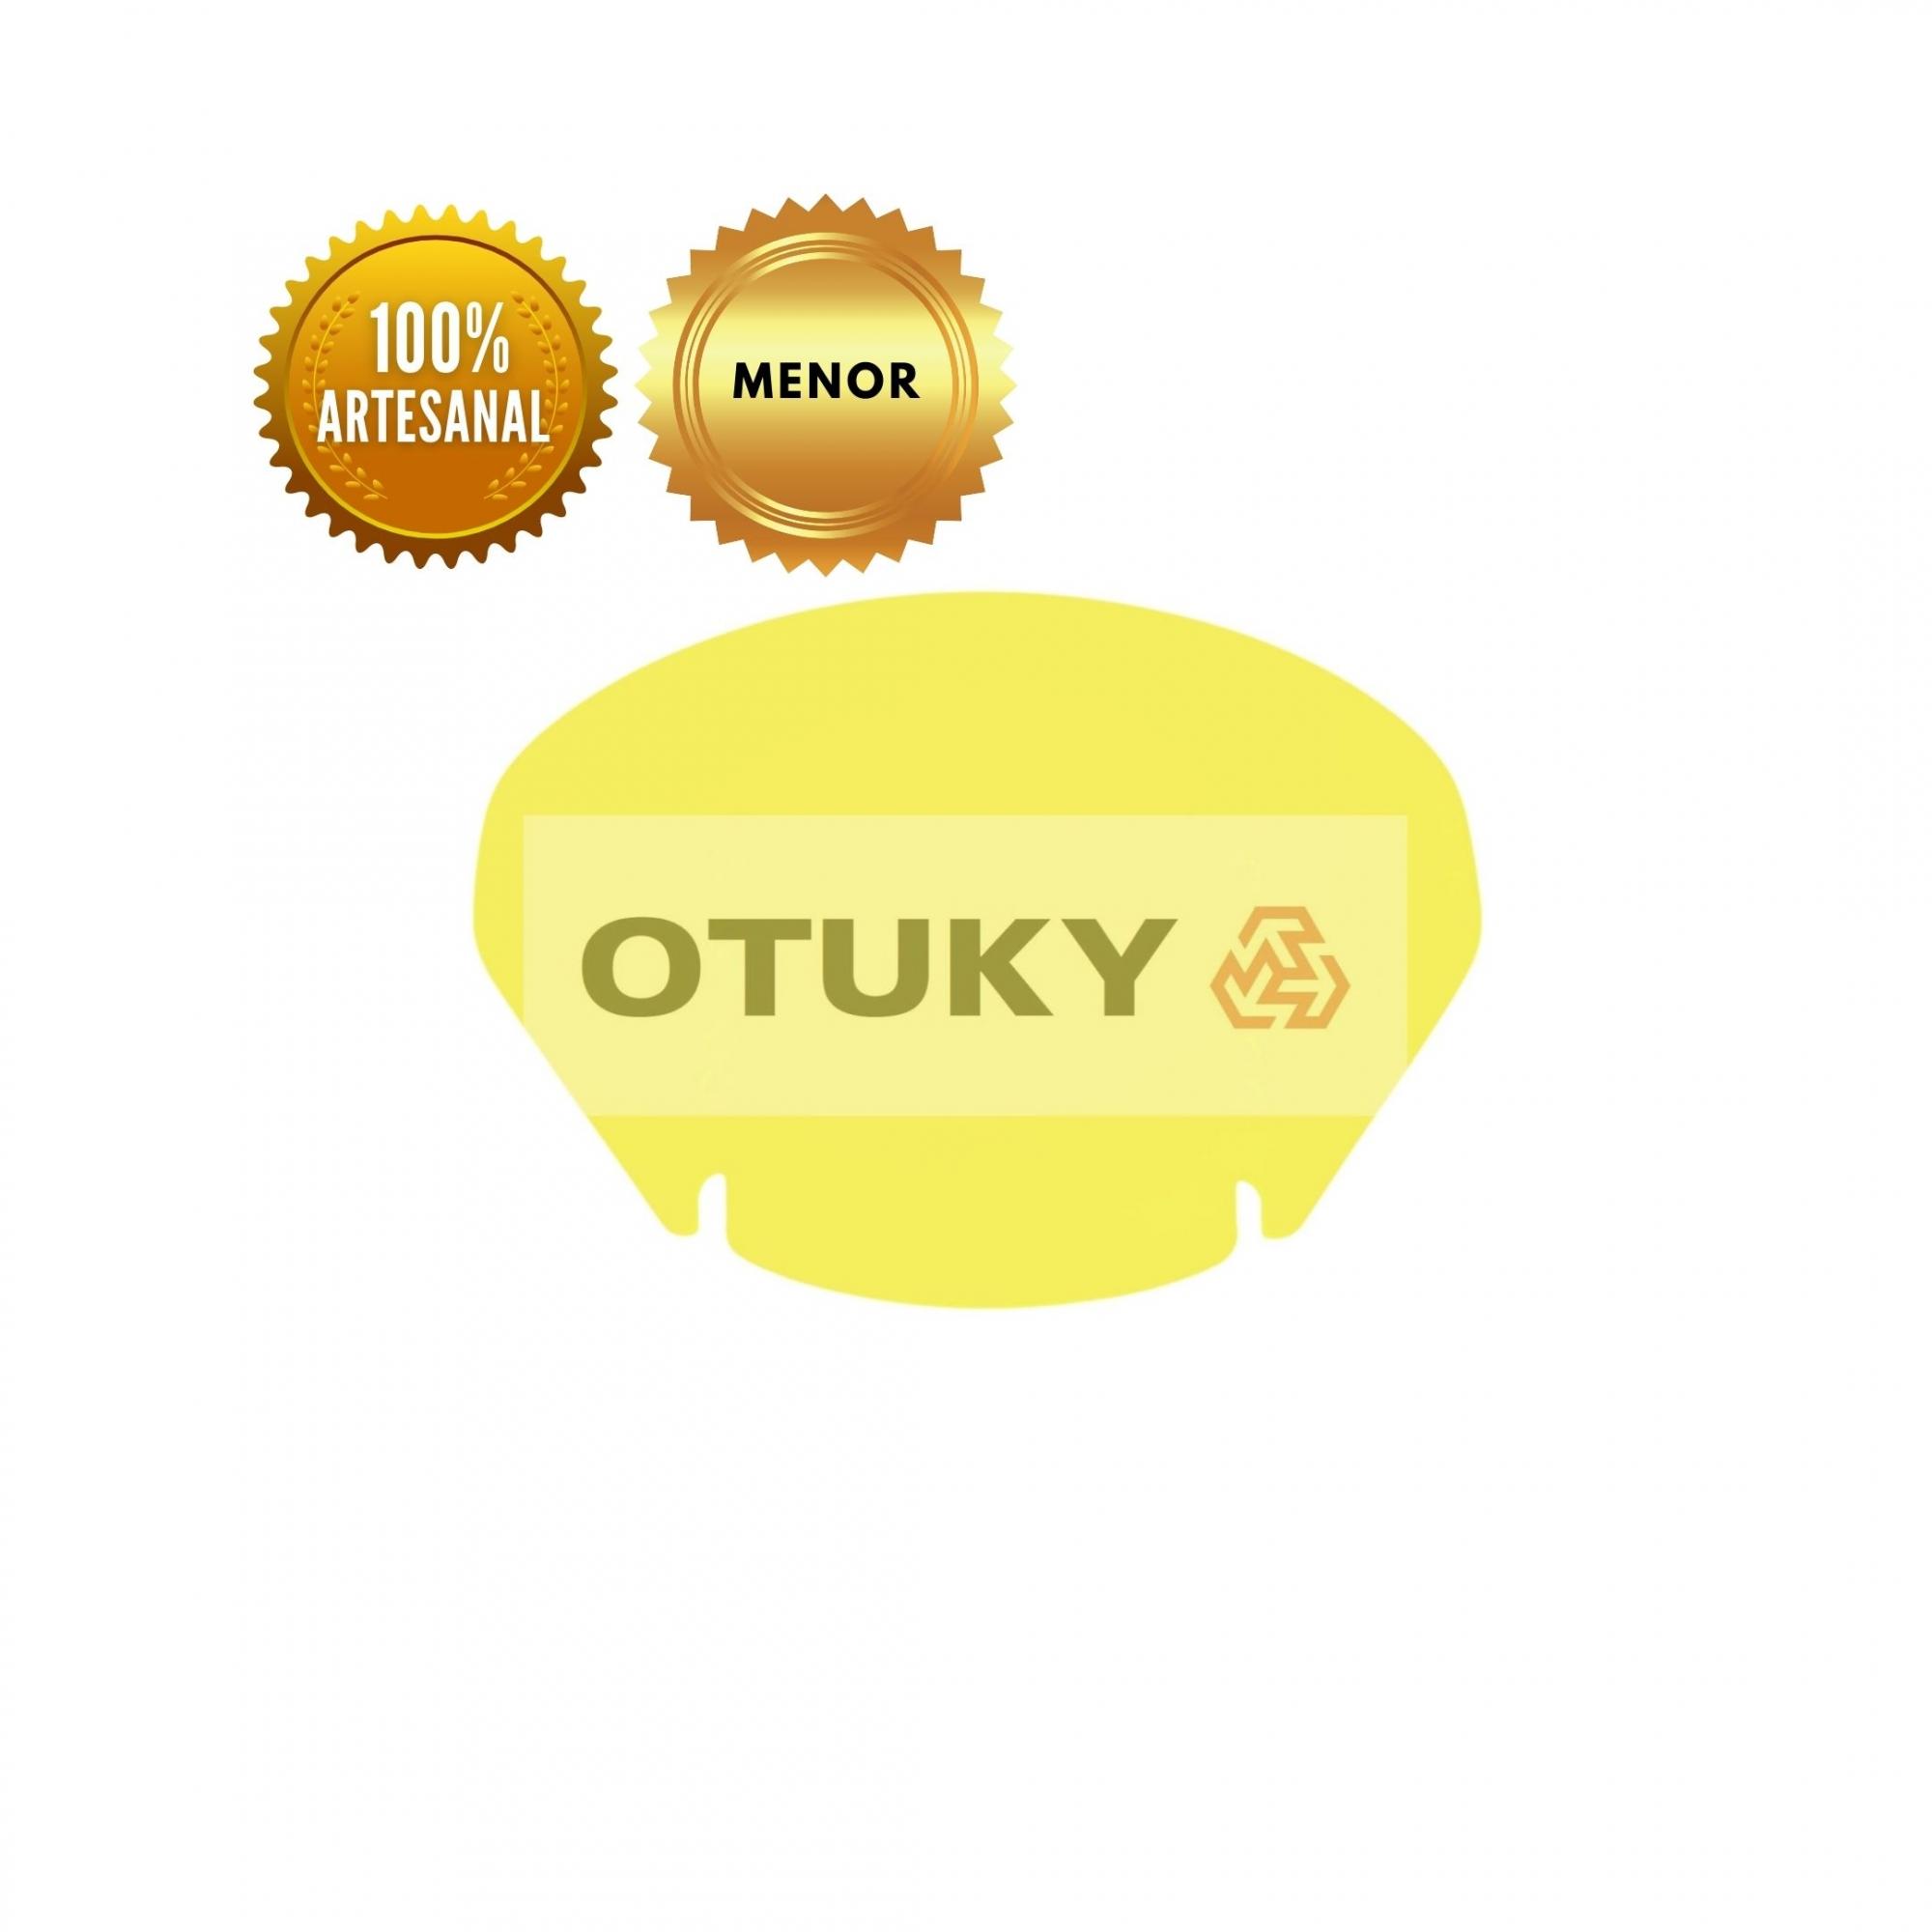 Bolha para Moto V-Strom DL 650 1000 2004 Até 2013 Menor Otuky Amarelo